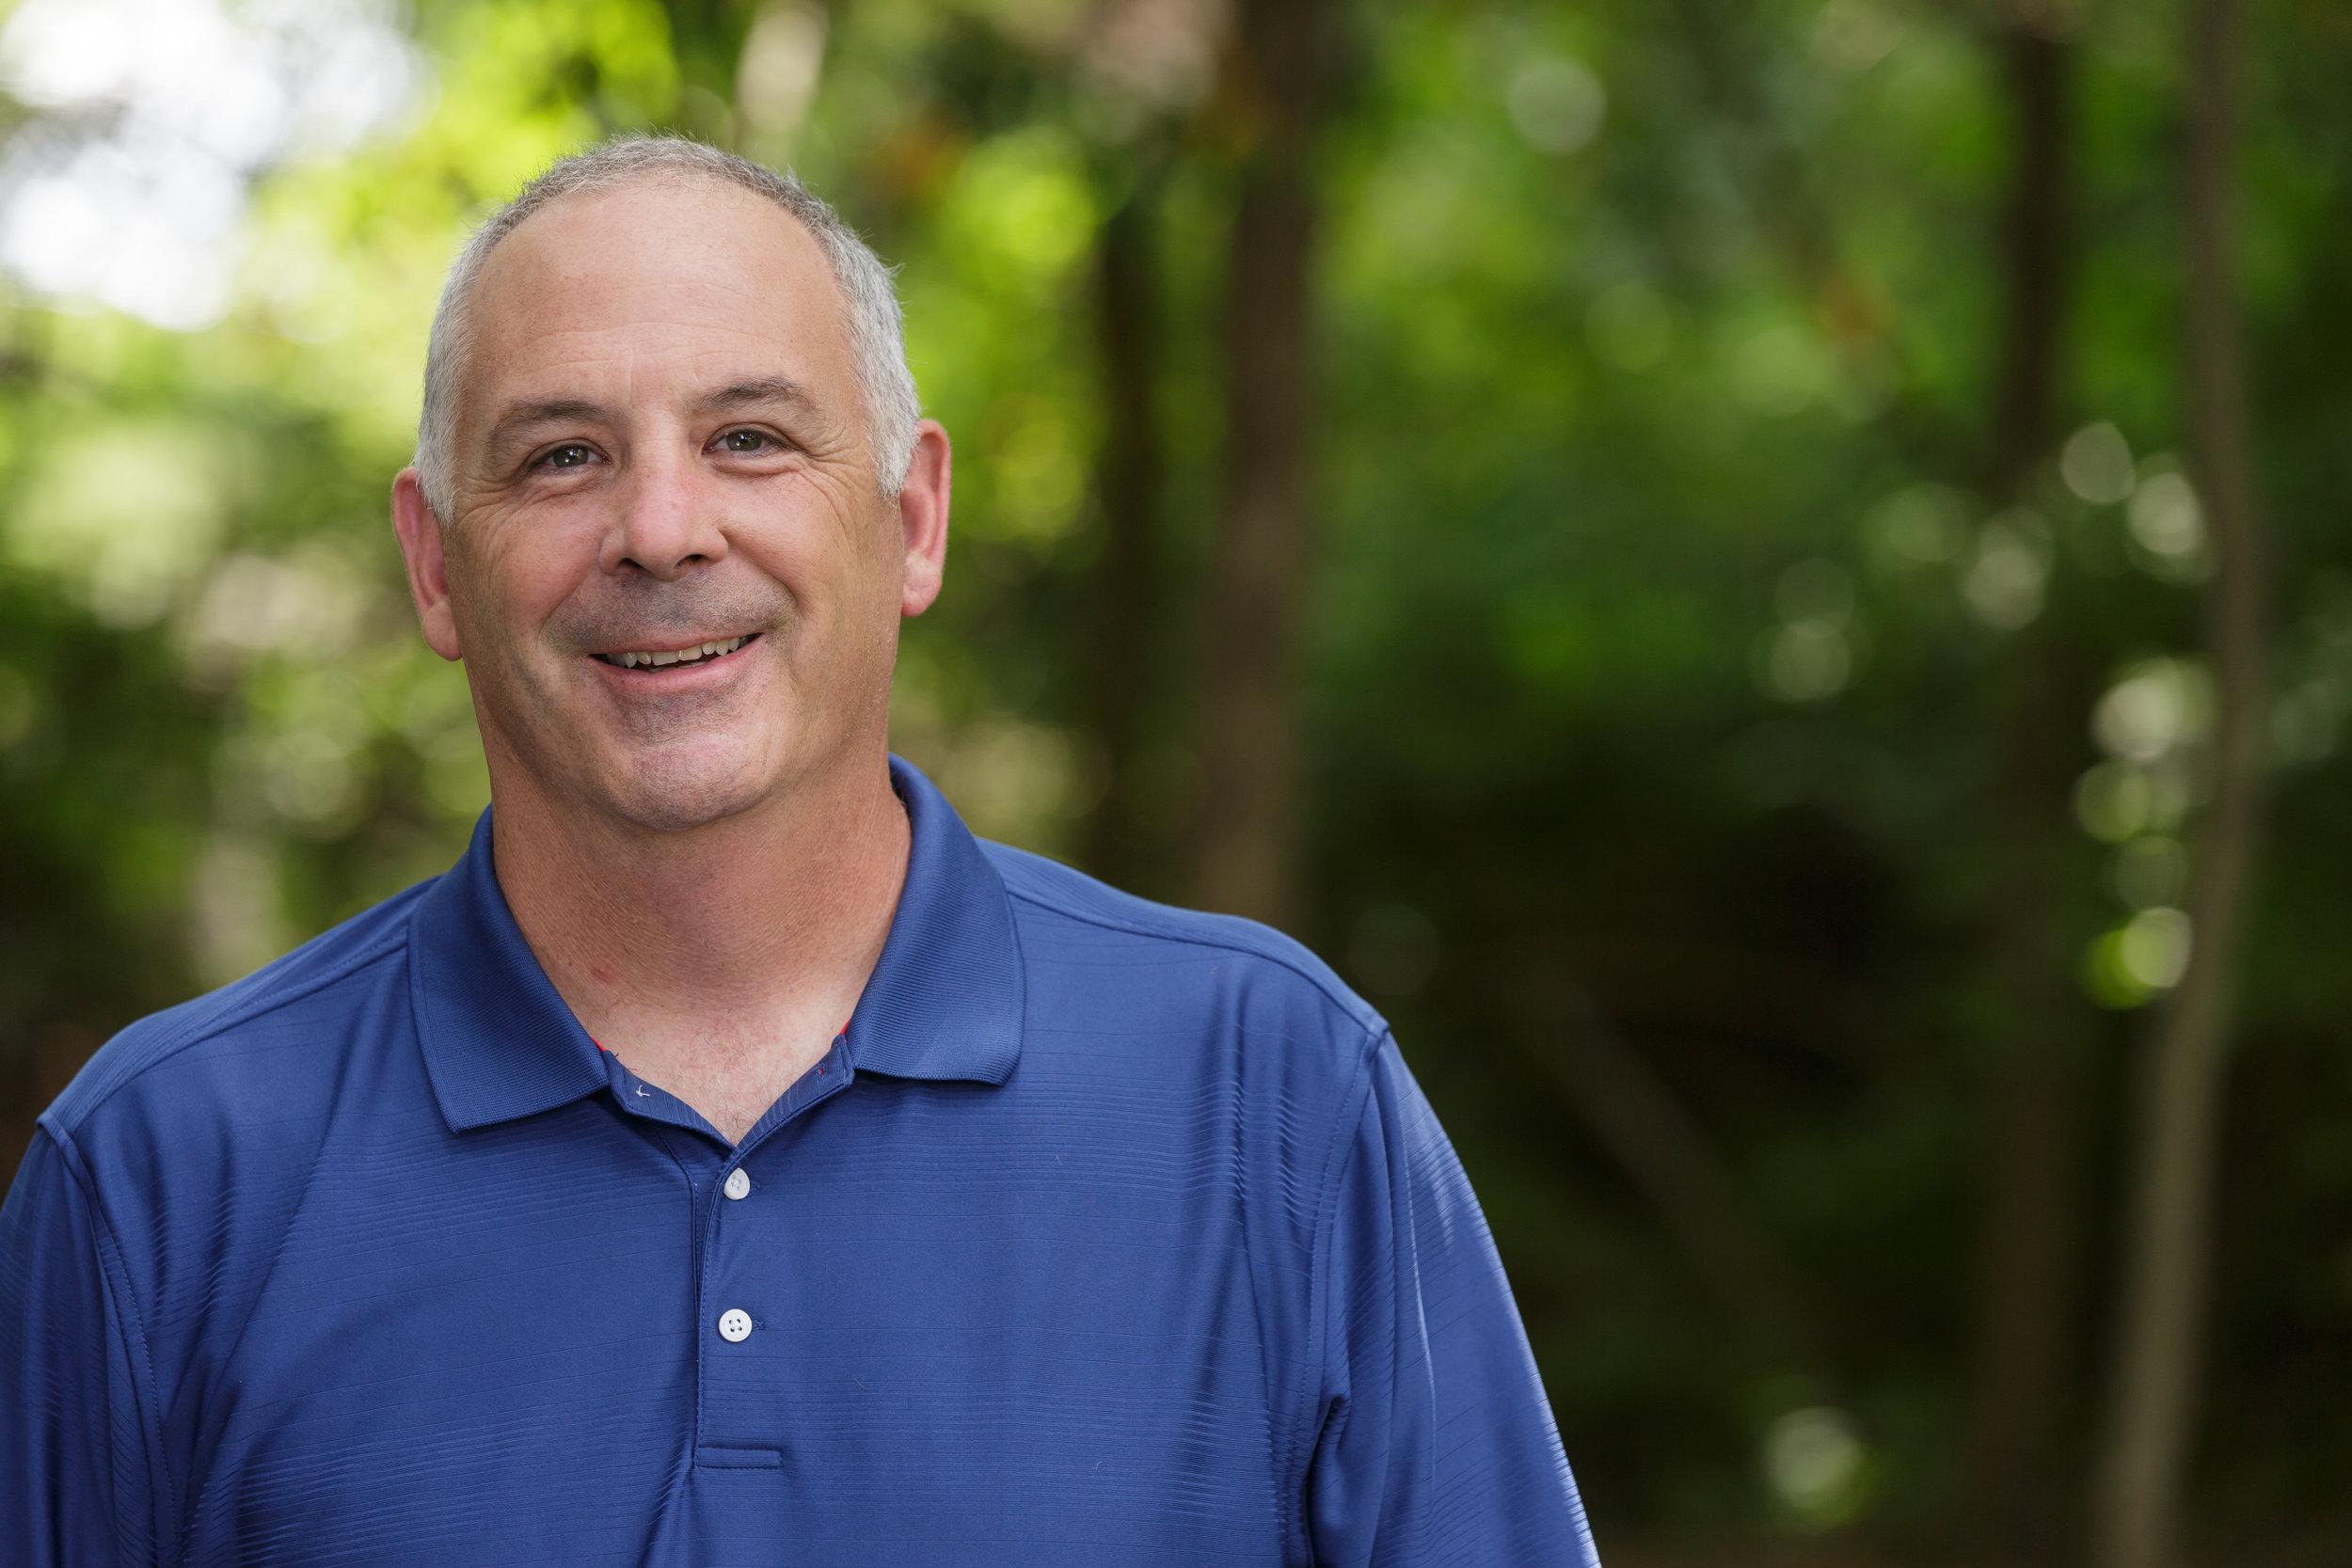 Steve Huffman for State Senate